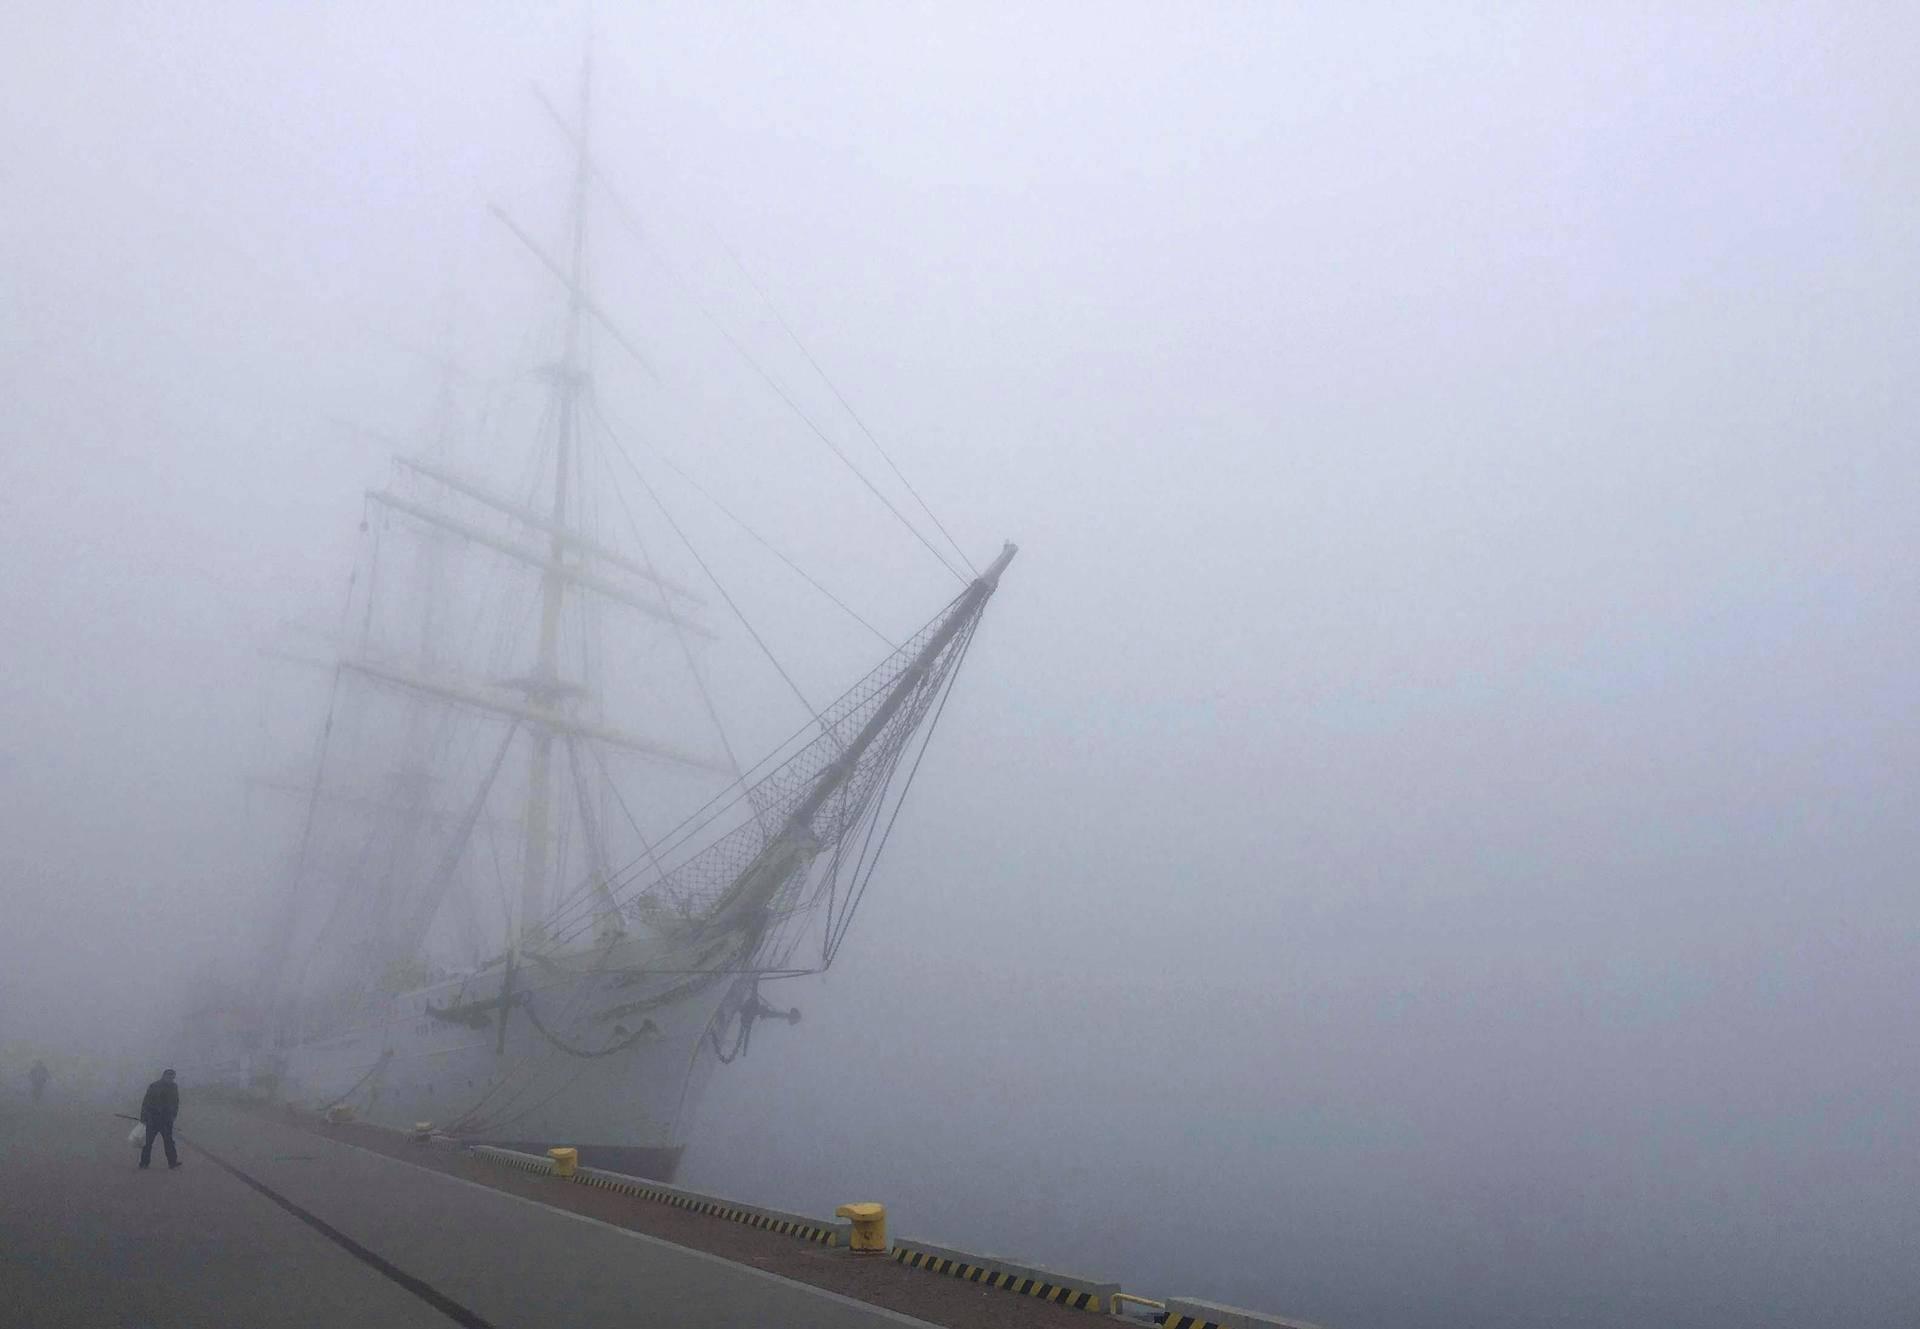 Museoaluksena toimiva purjealus Dar Pomorza näkyy sumun keskellä Gdynian satamassa Puolassa.